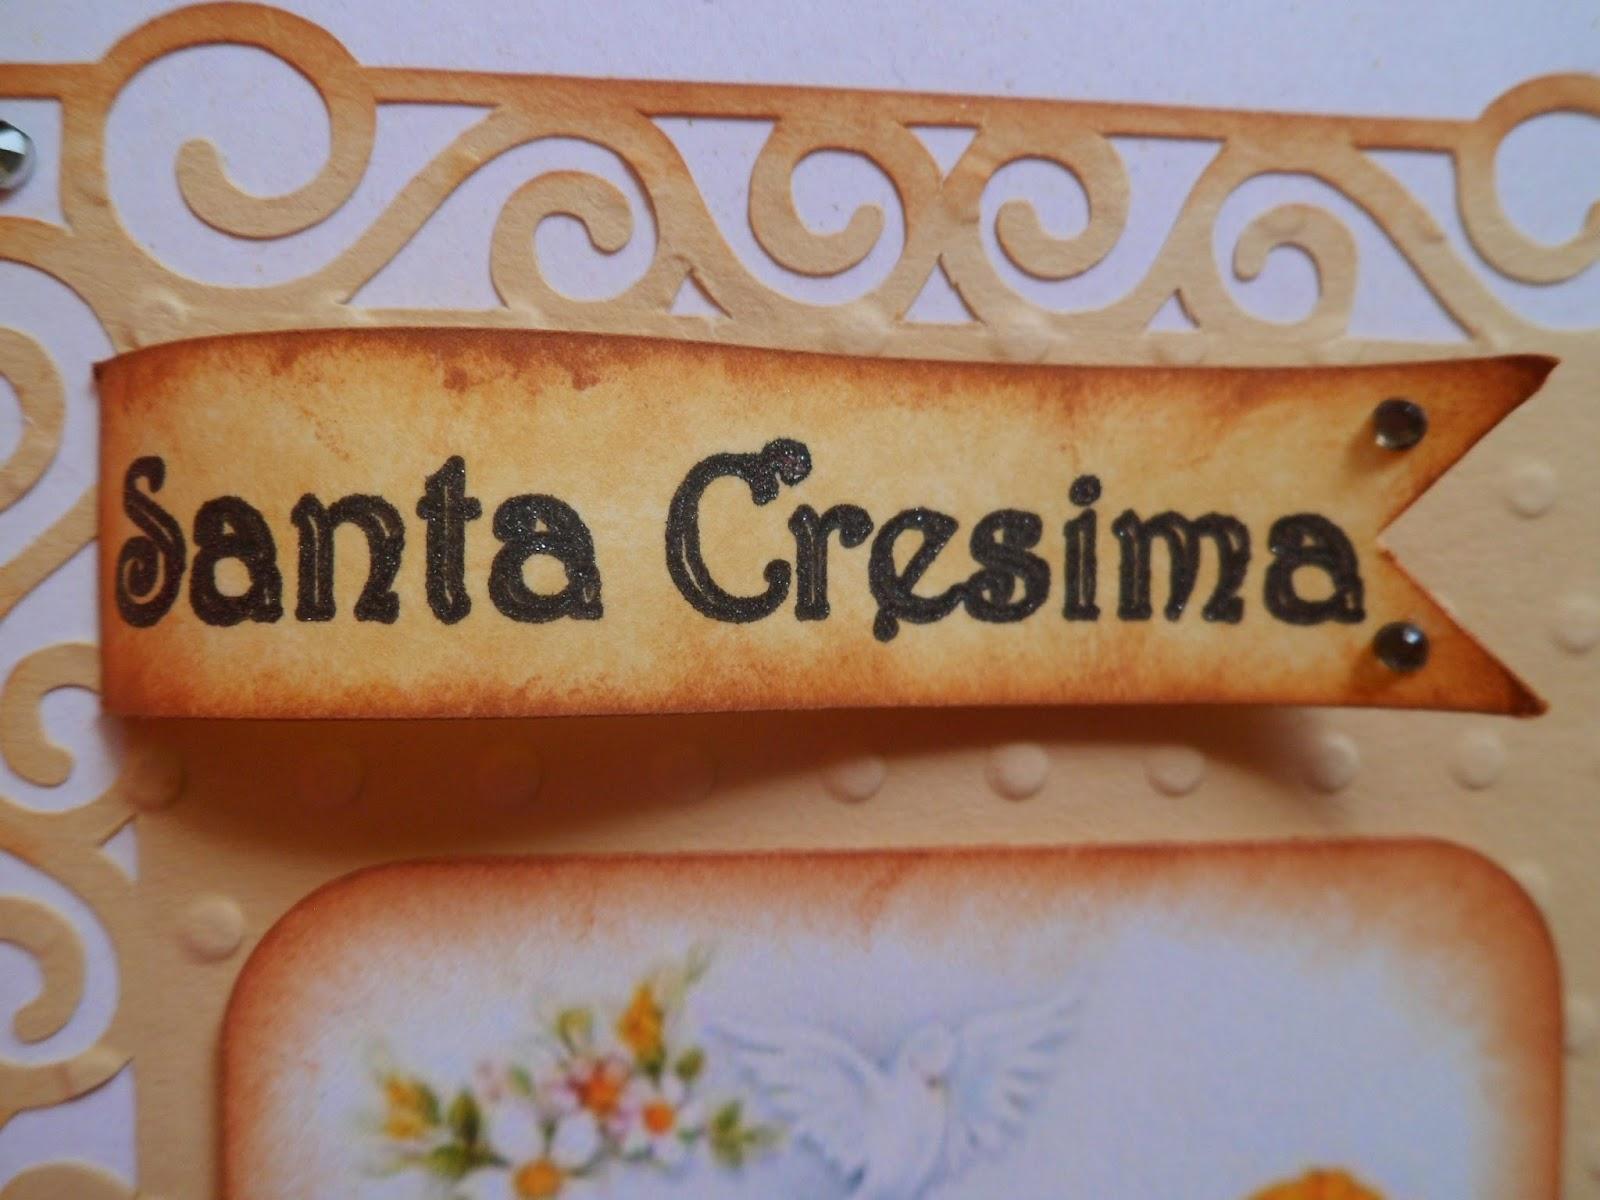 Très Chichi's Scrap: Rassegna Cresima - Parte IV LK72